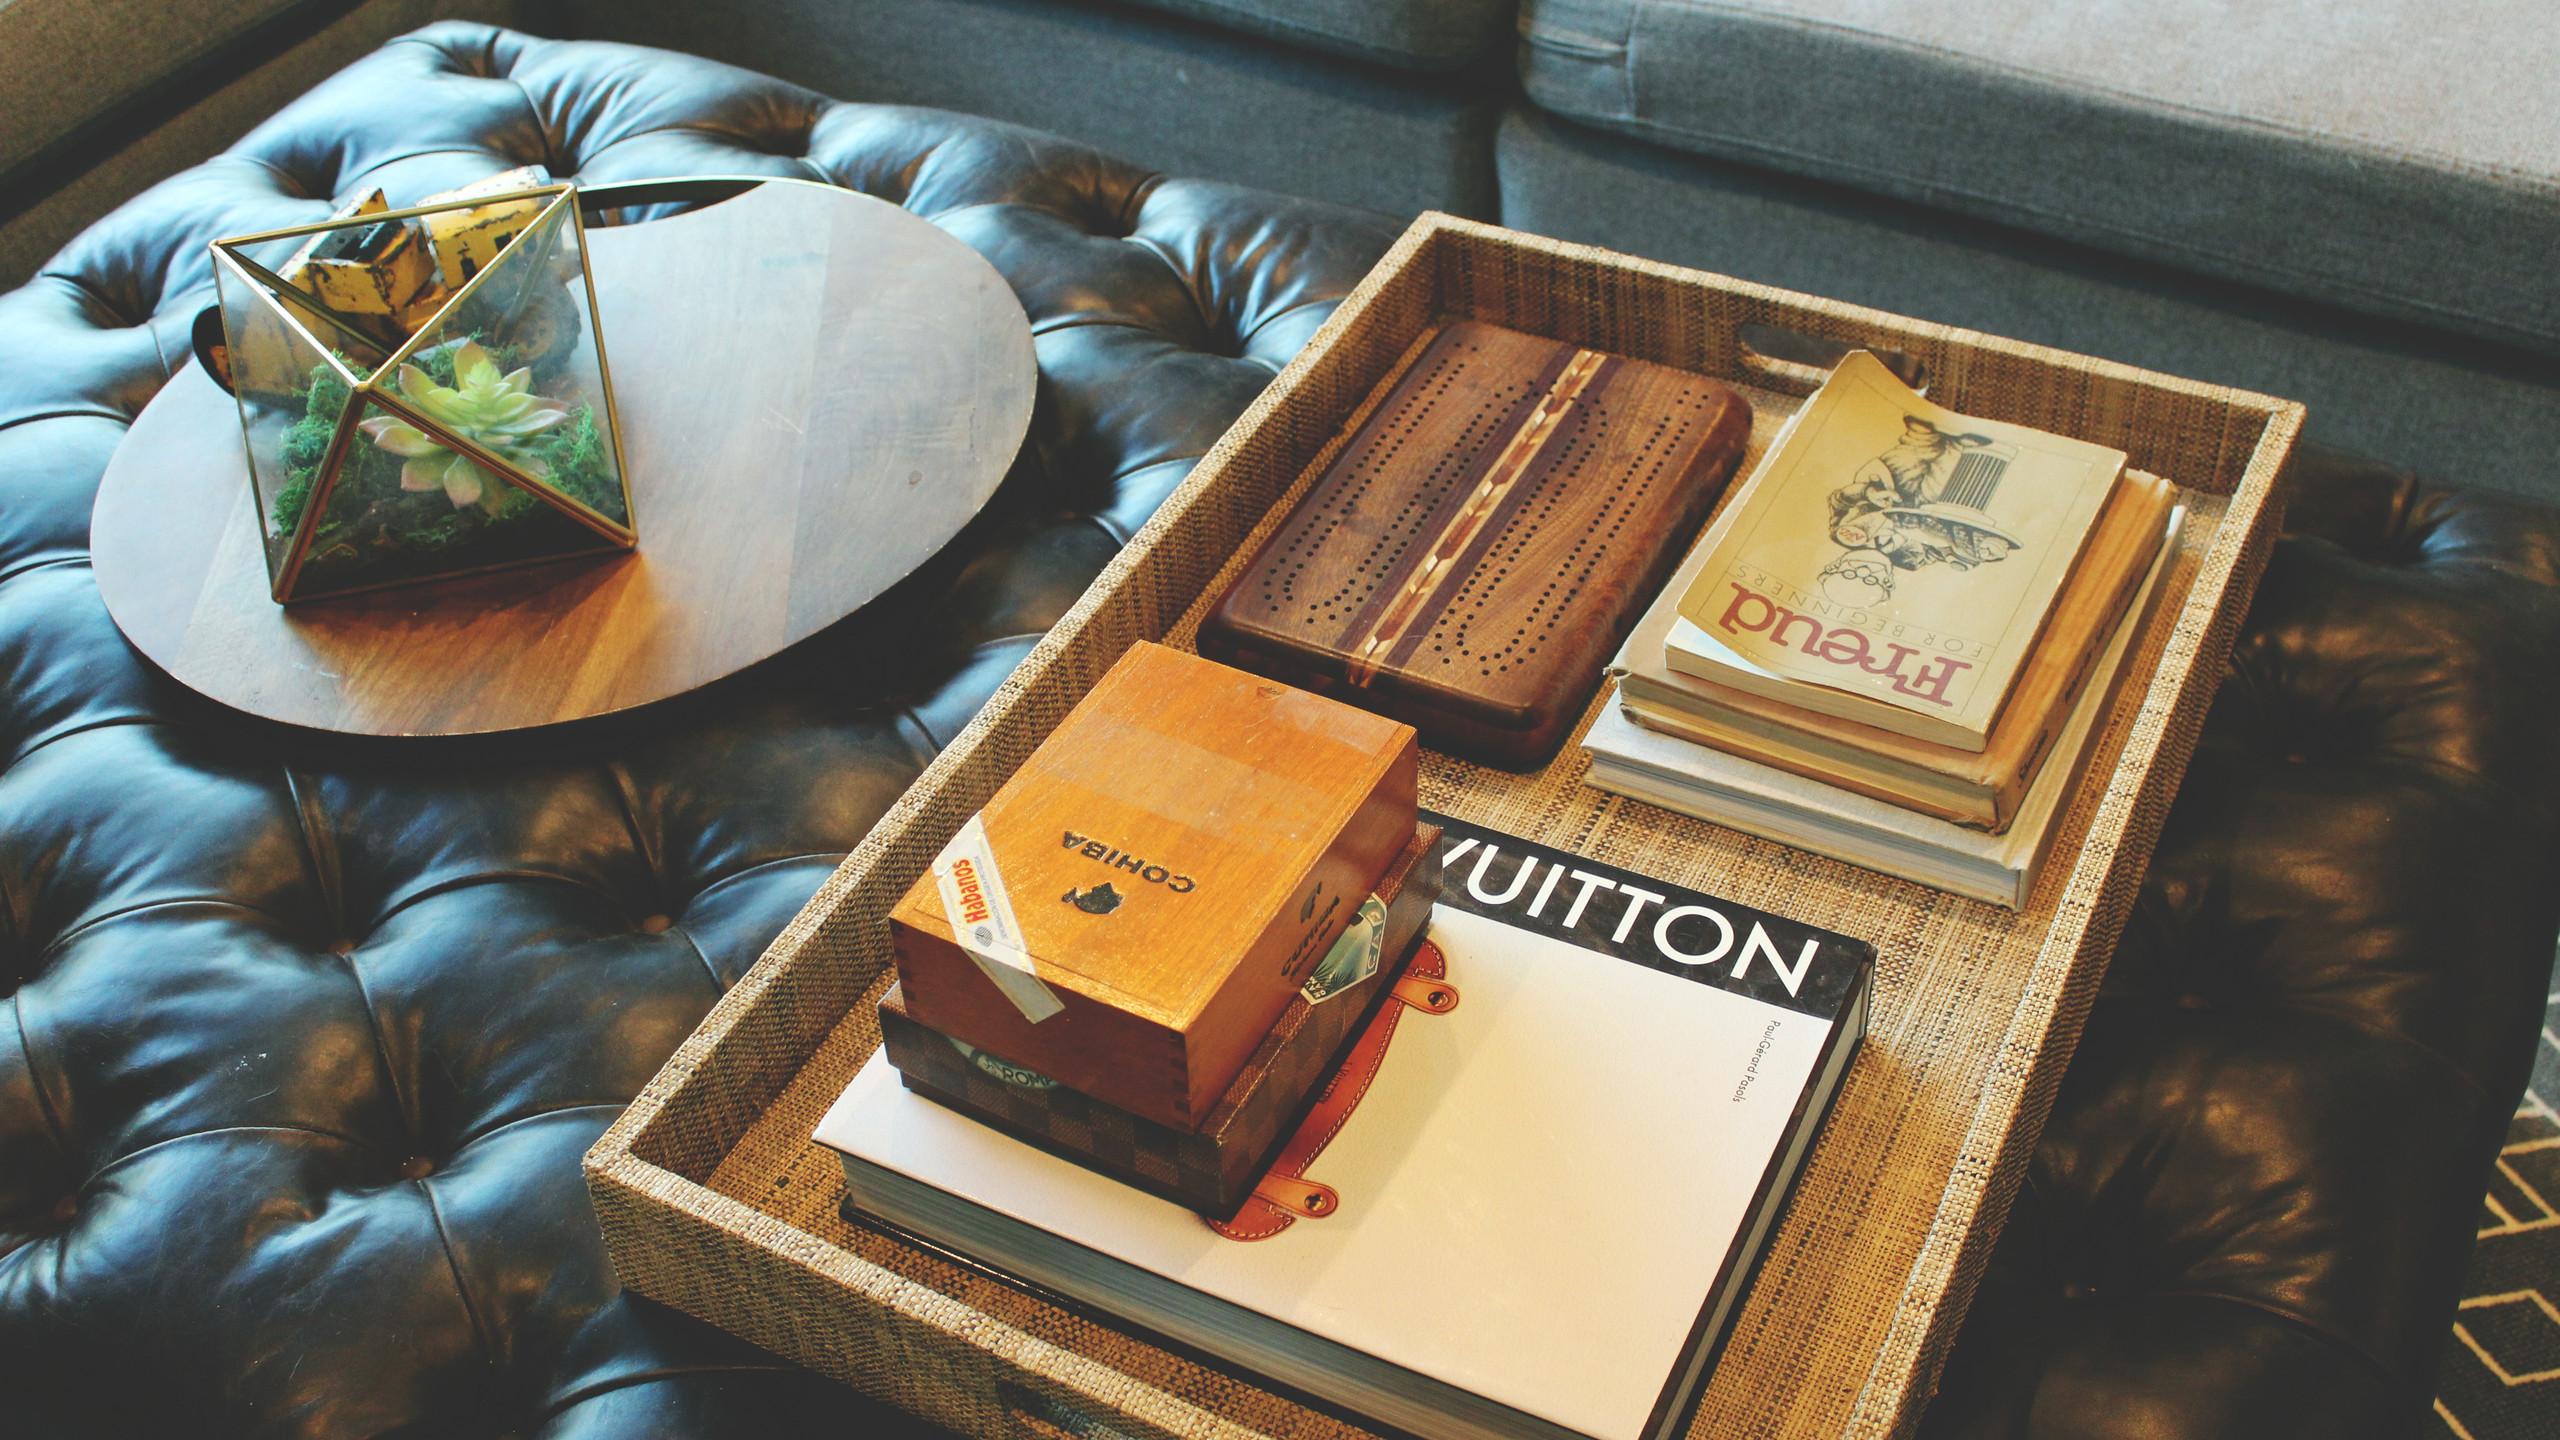 Louis Vuitton Books + PostCards